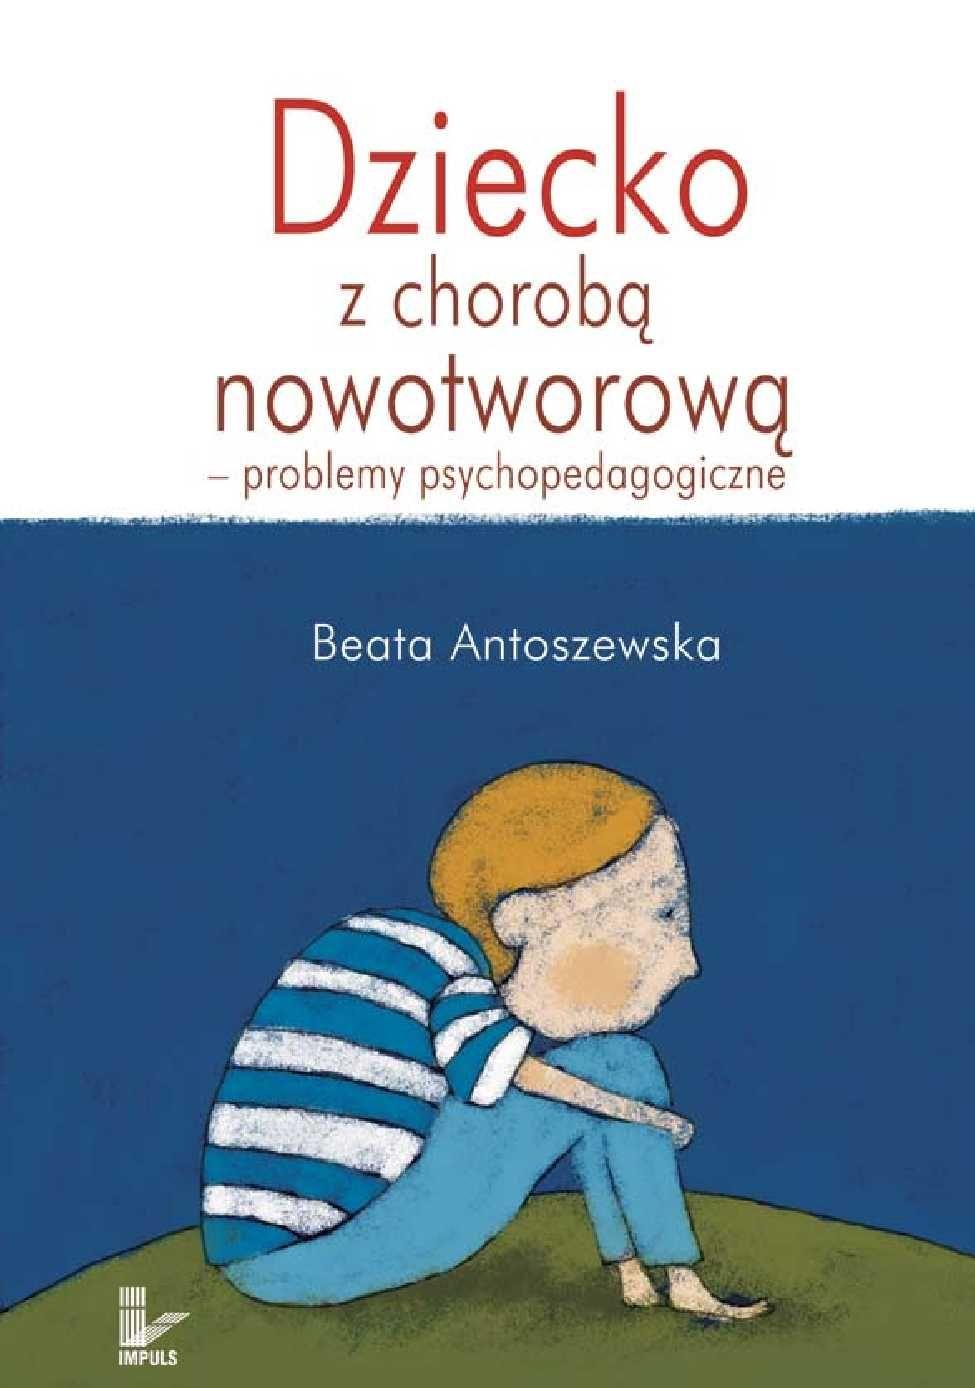 Dziecko z chorobą nowotworową - Ebook (Książka EPUB) do pobrania w formacie EPUB